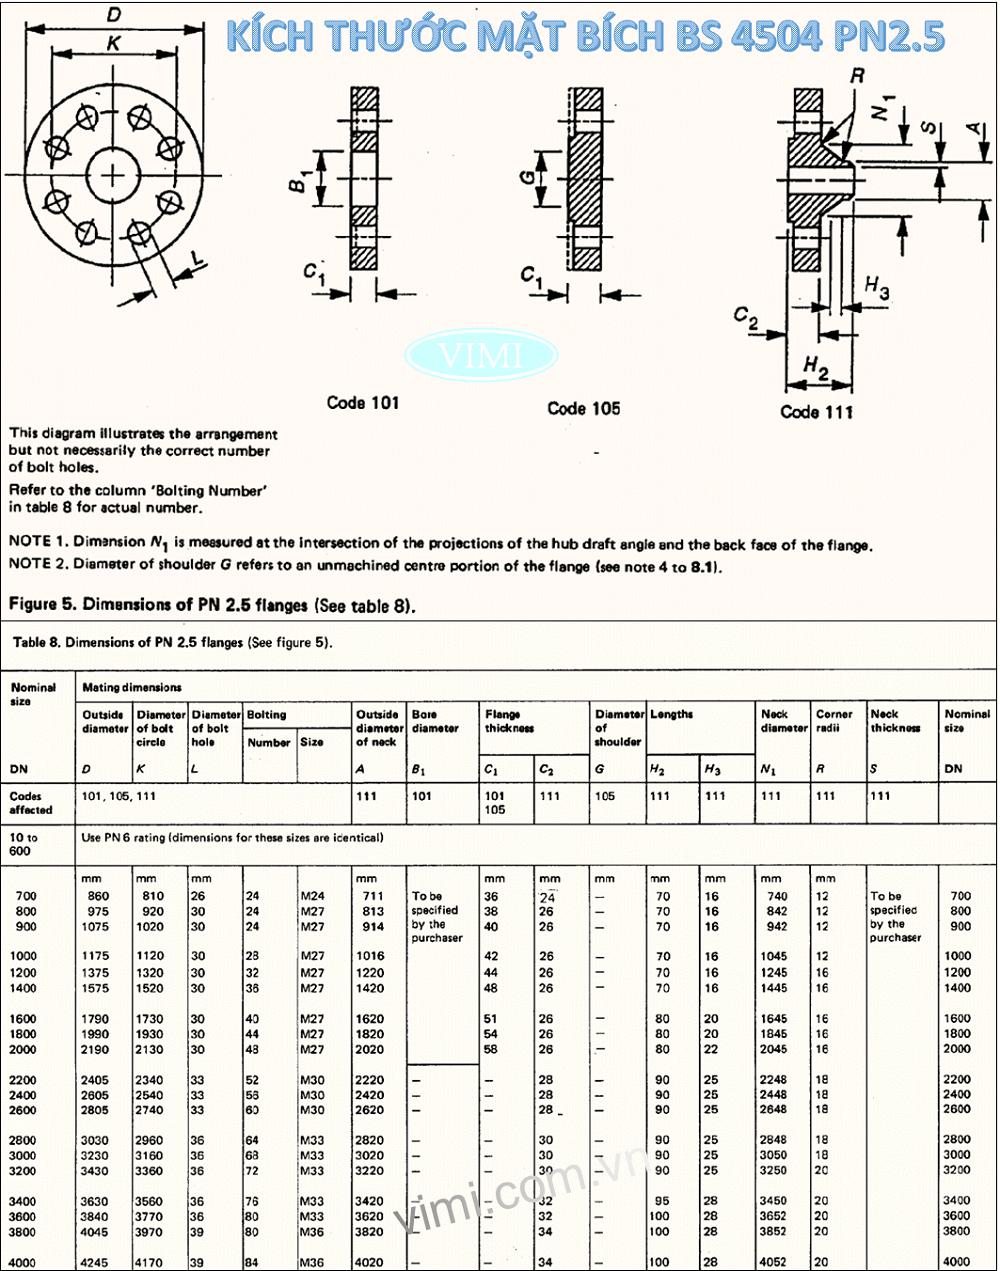 Bảng kích thước mặt bích BS4504 - PN2.5